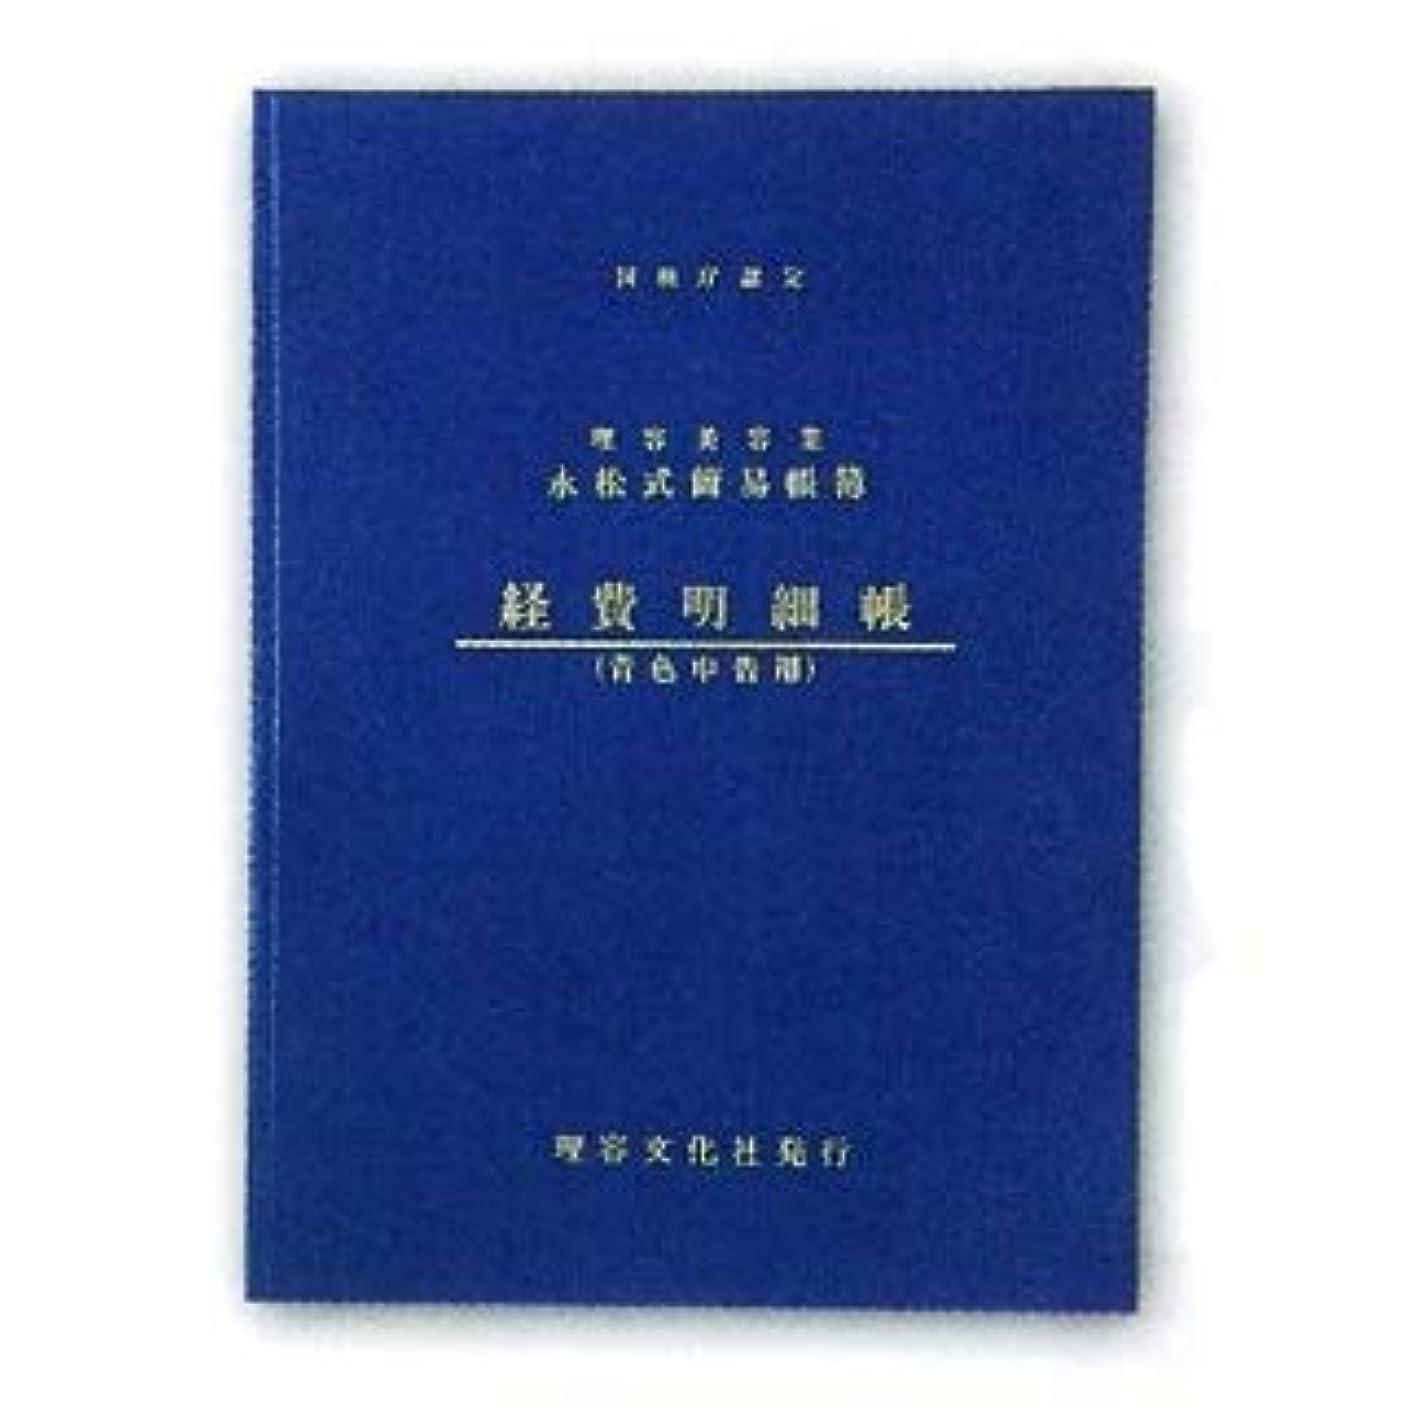 ファンド住所補助金永松式簡易帳簿 経費明細帳(青色申告用)